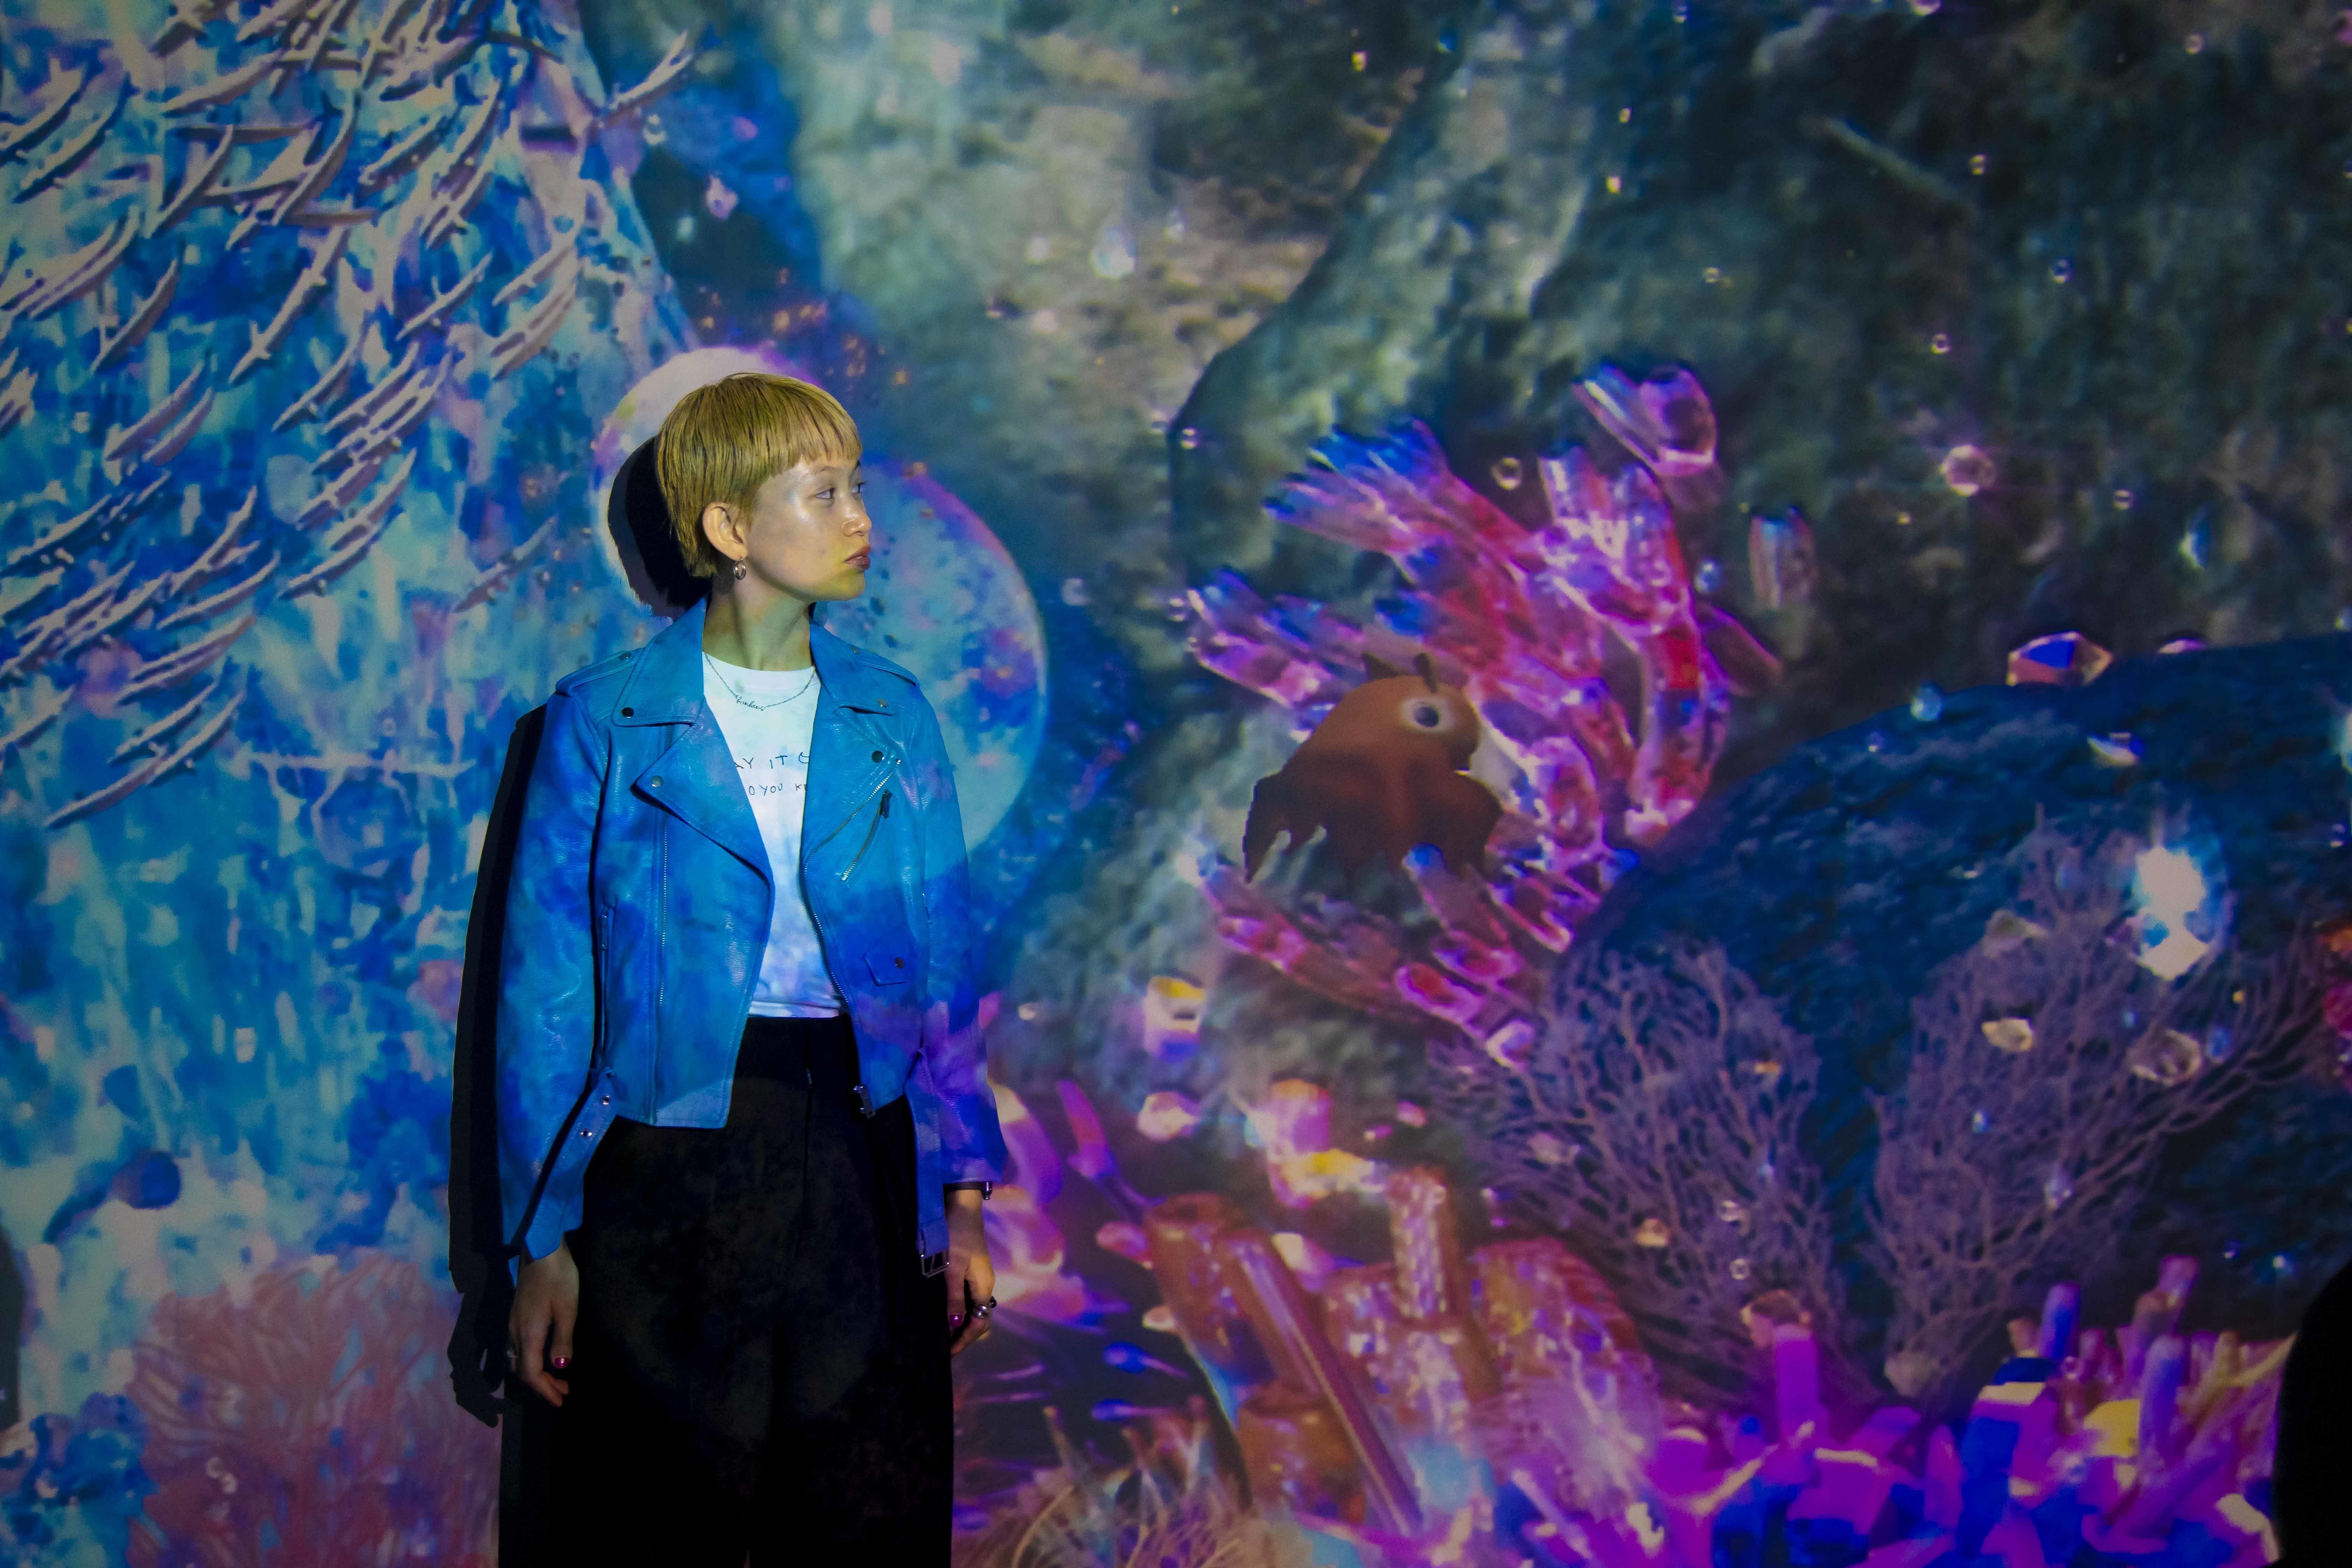 千裕さんと深海生物「メンダコ」のツーショット。